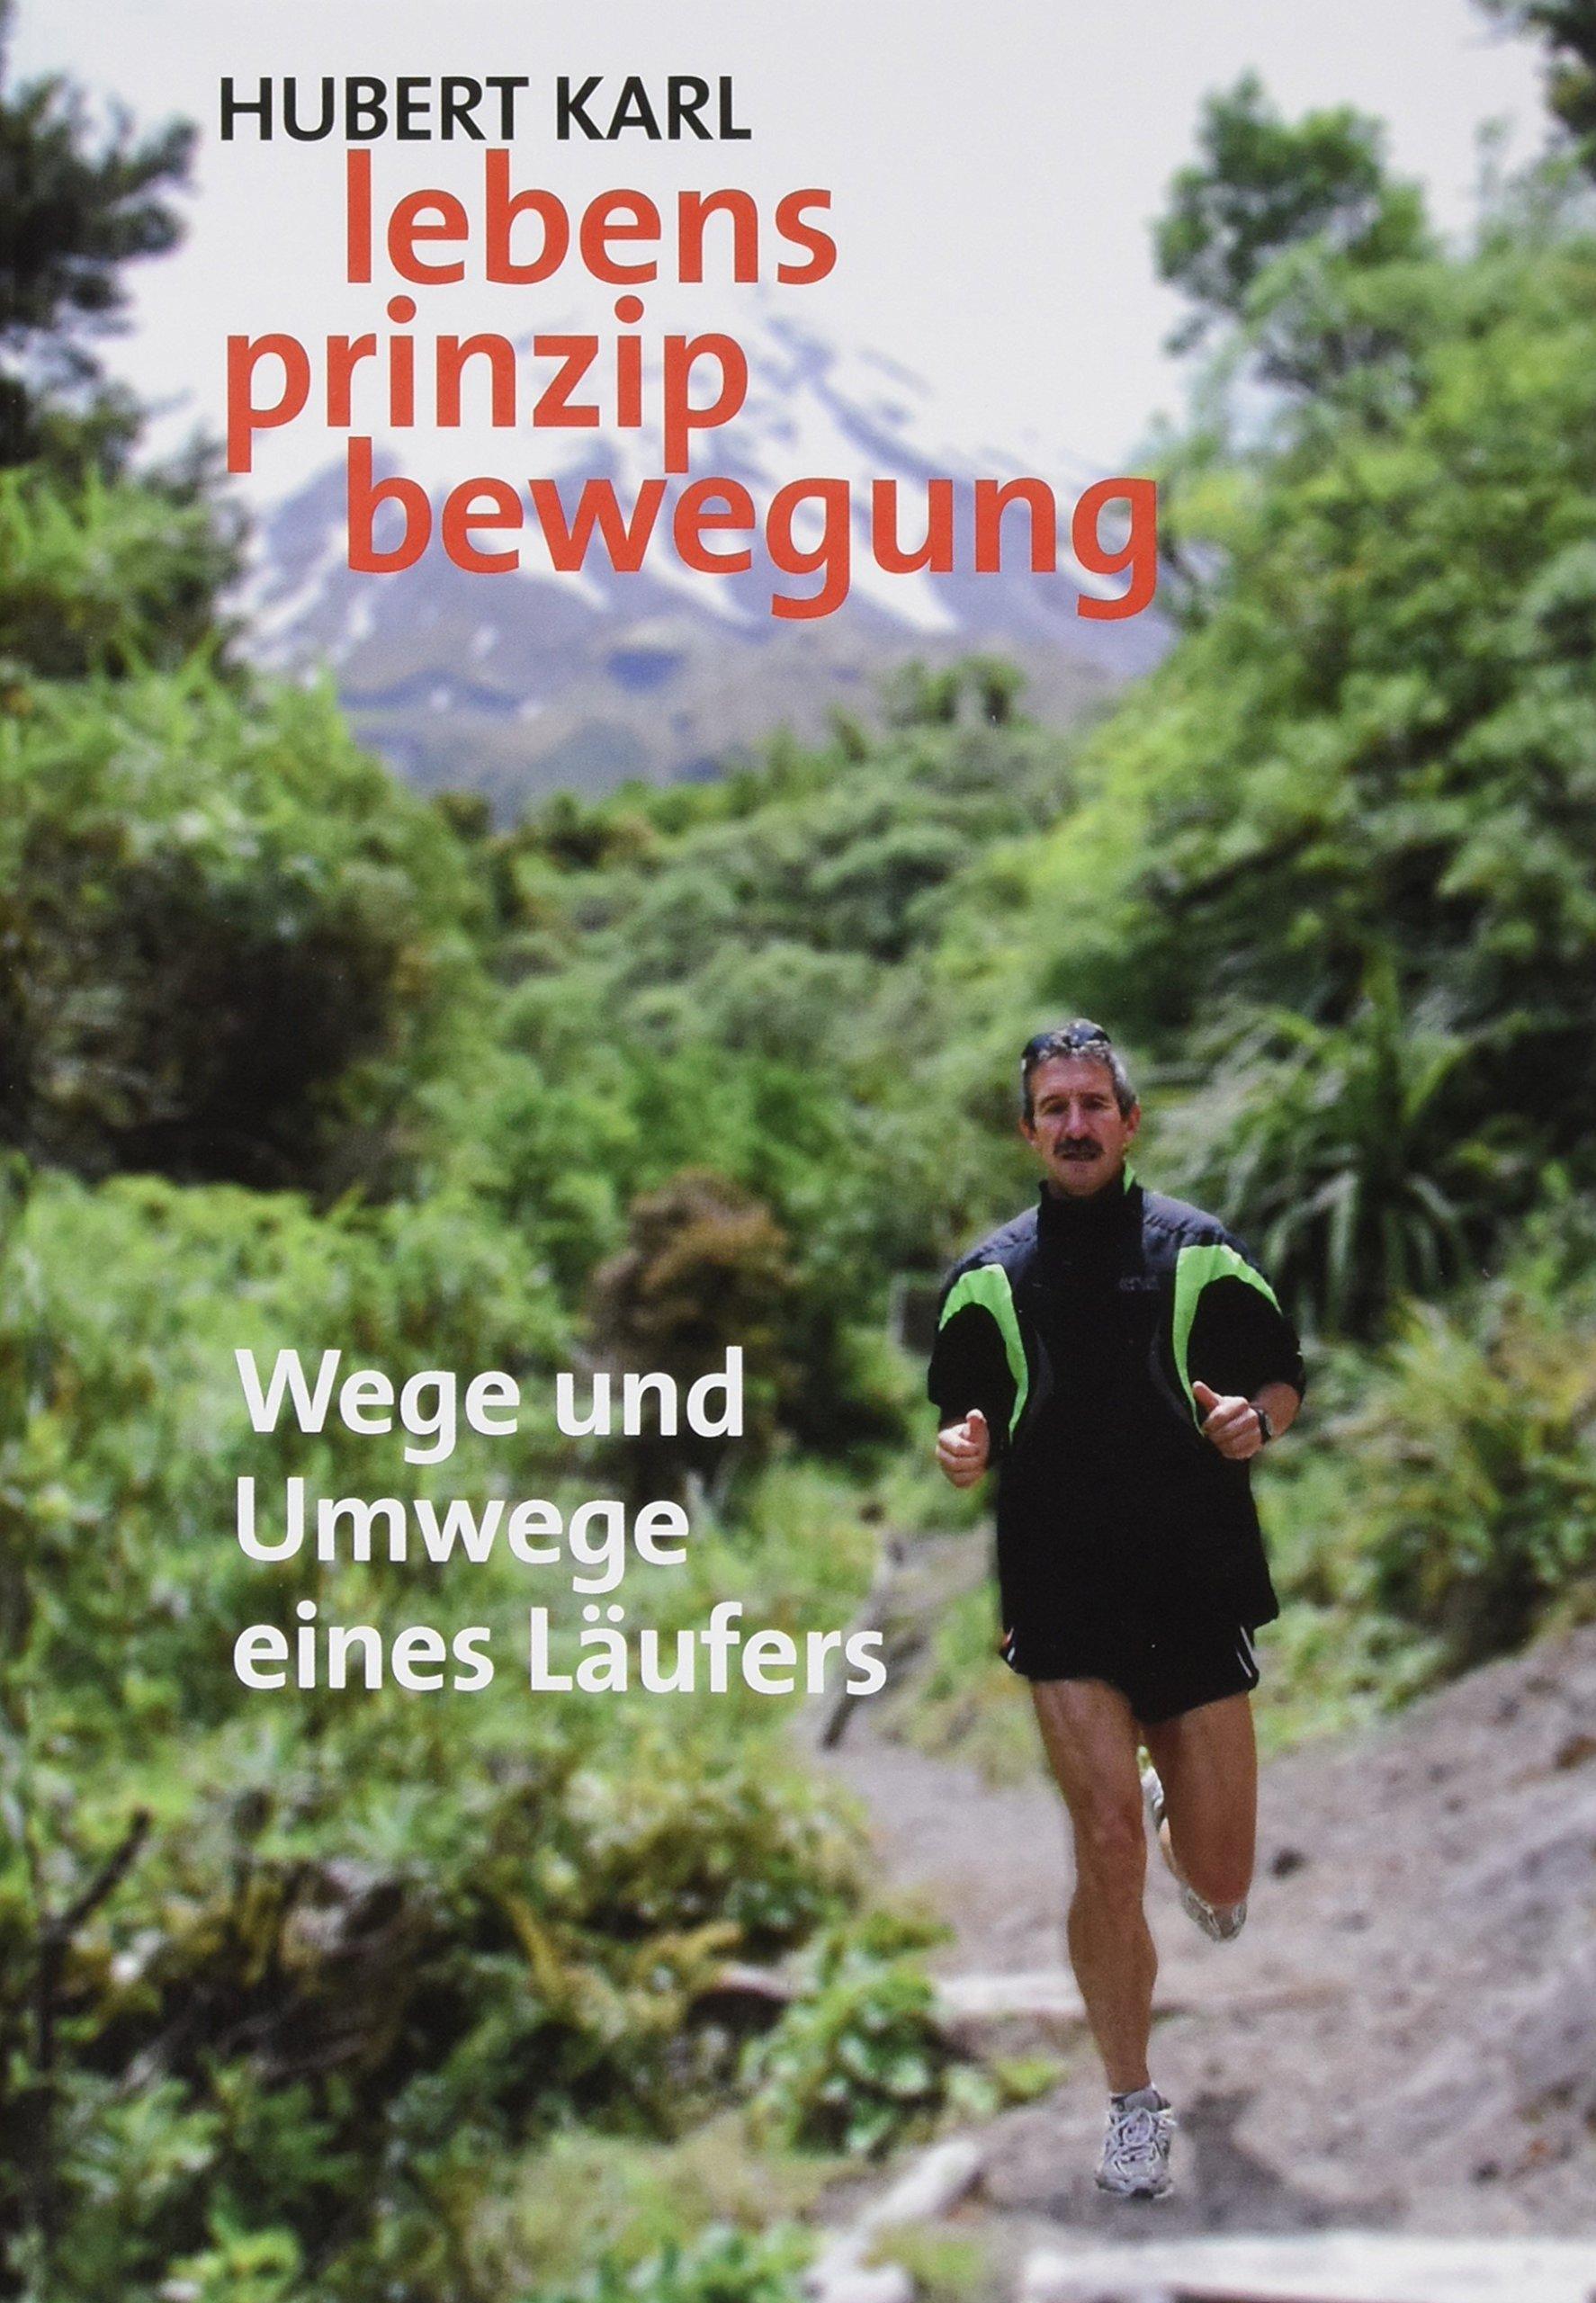 lebens prinzip bewegung: Wege und Umwege eines Läufers